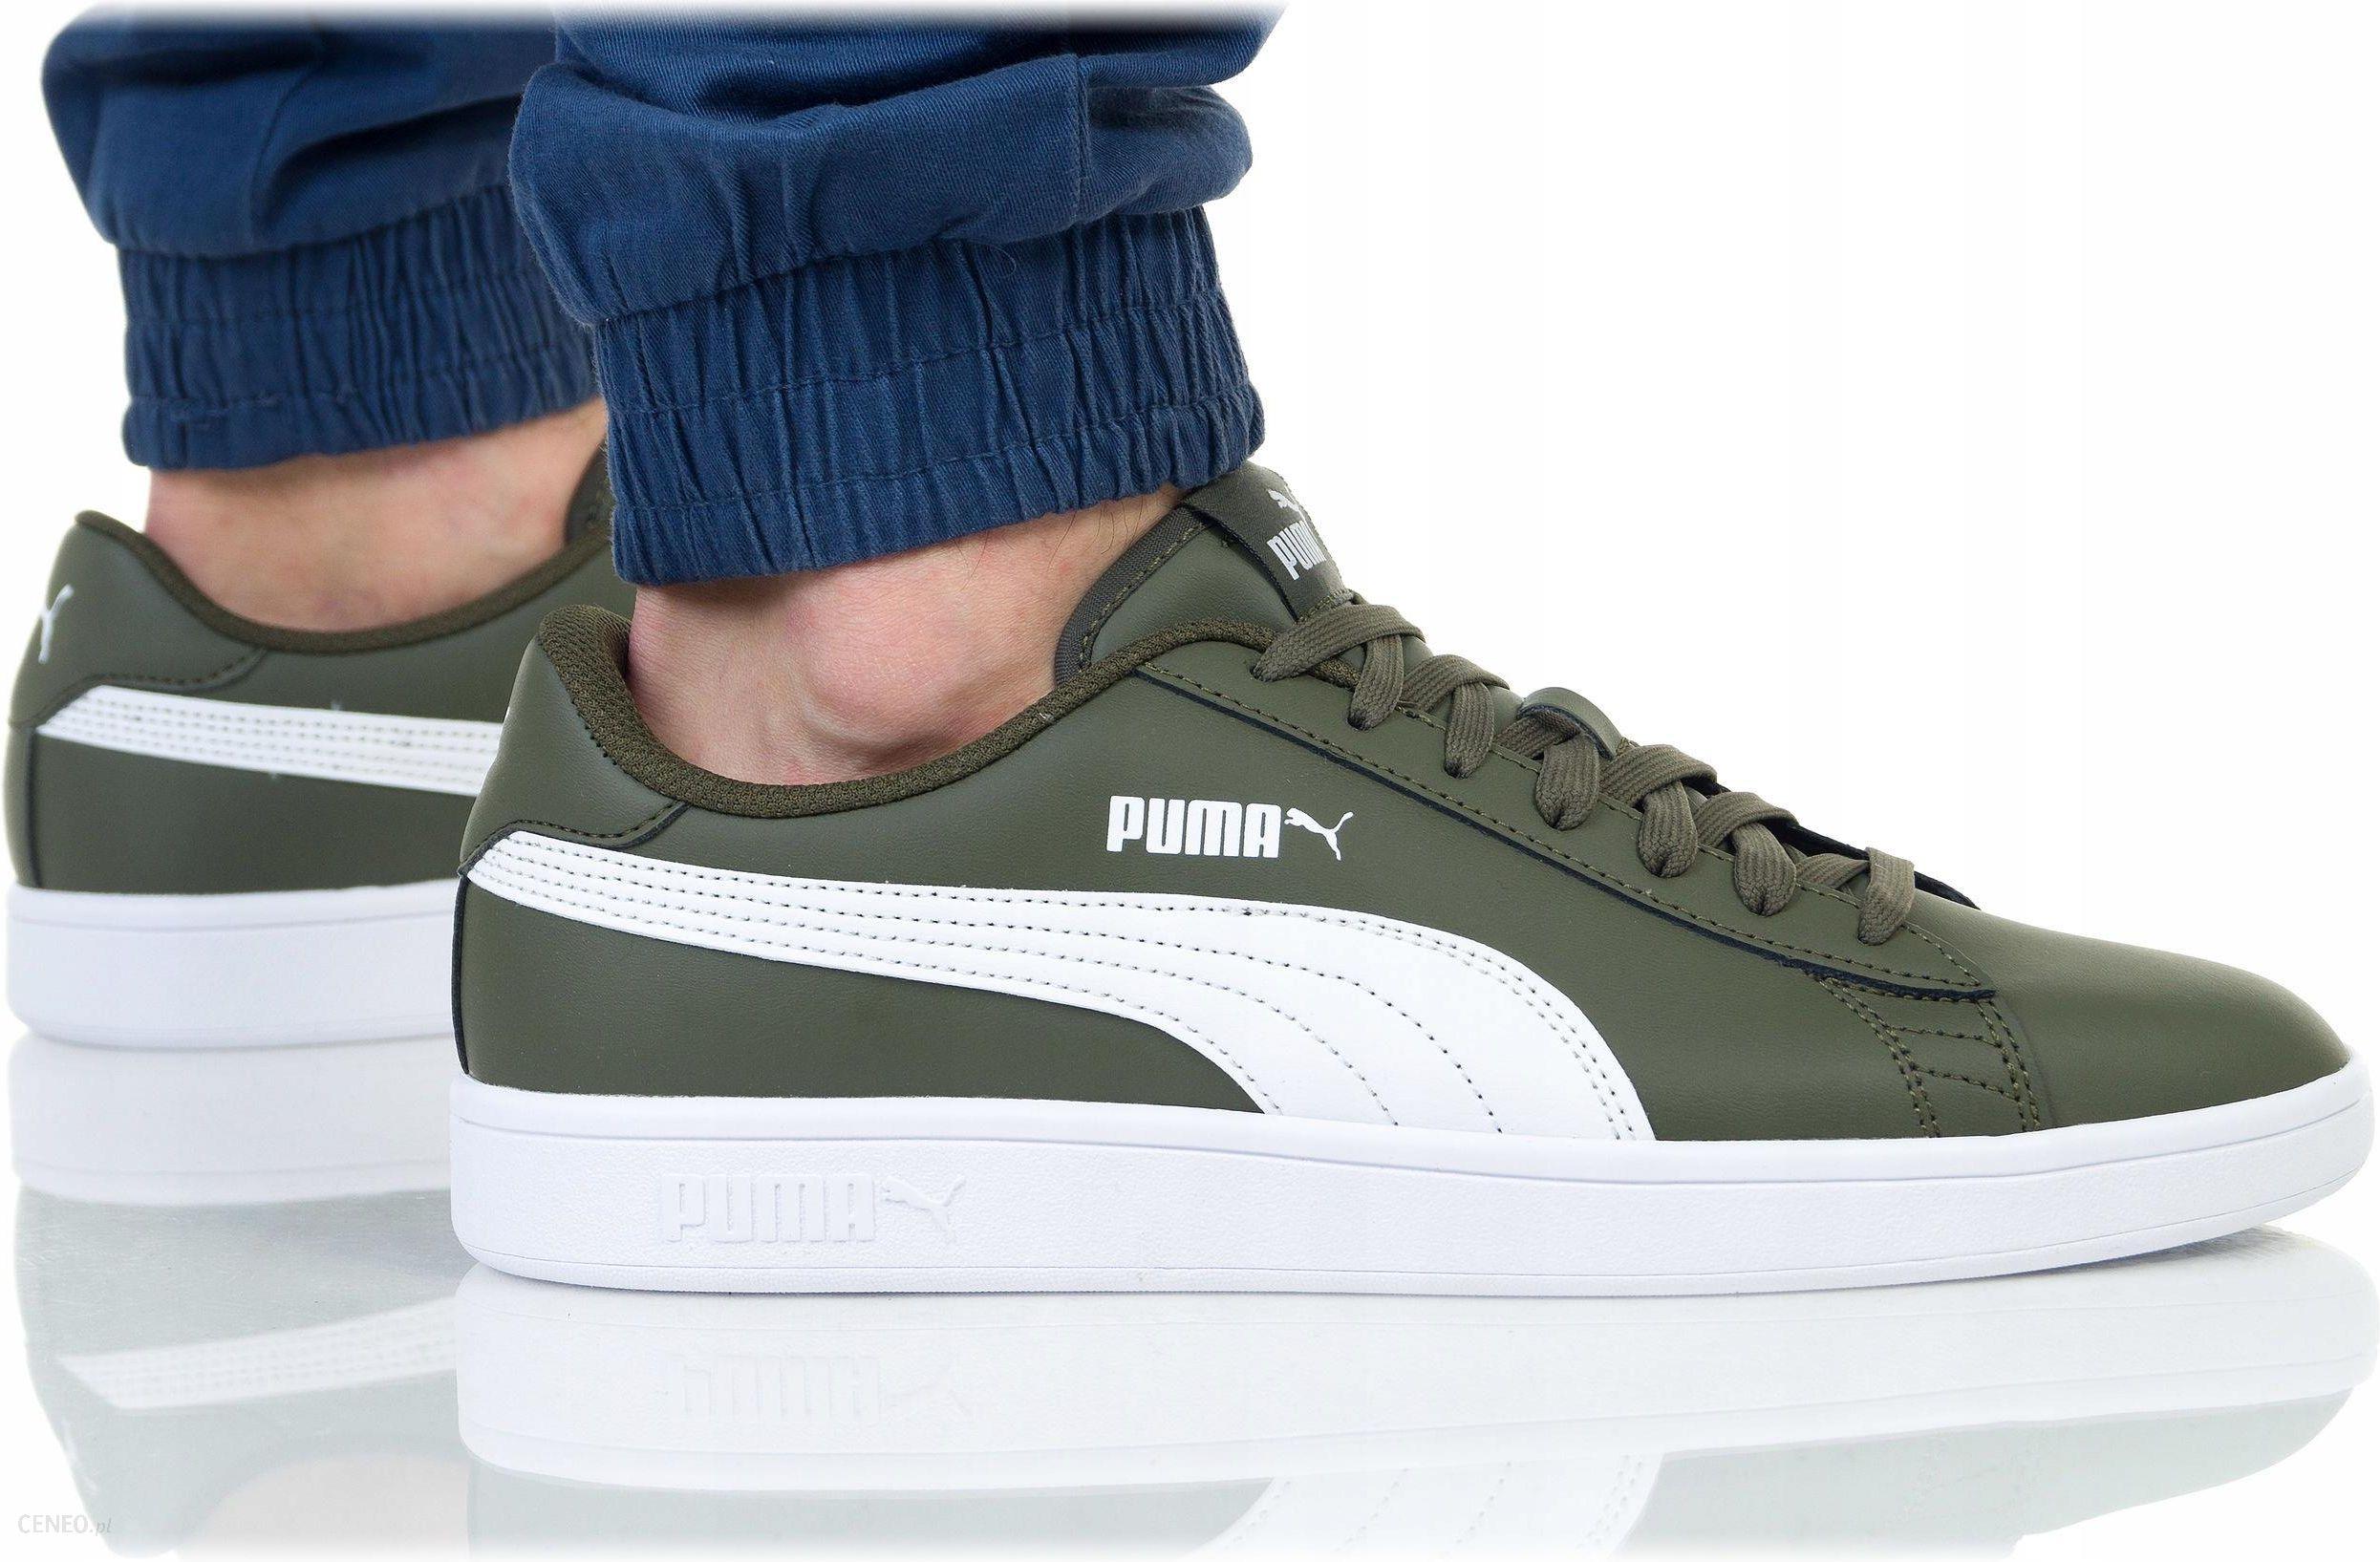 Buty Puma M?skie Smash V2 L 365215 11 Zielone Ceny i opinie Ceneo.pl